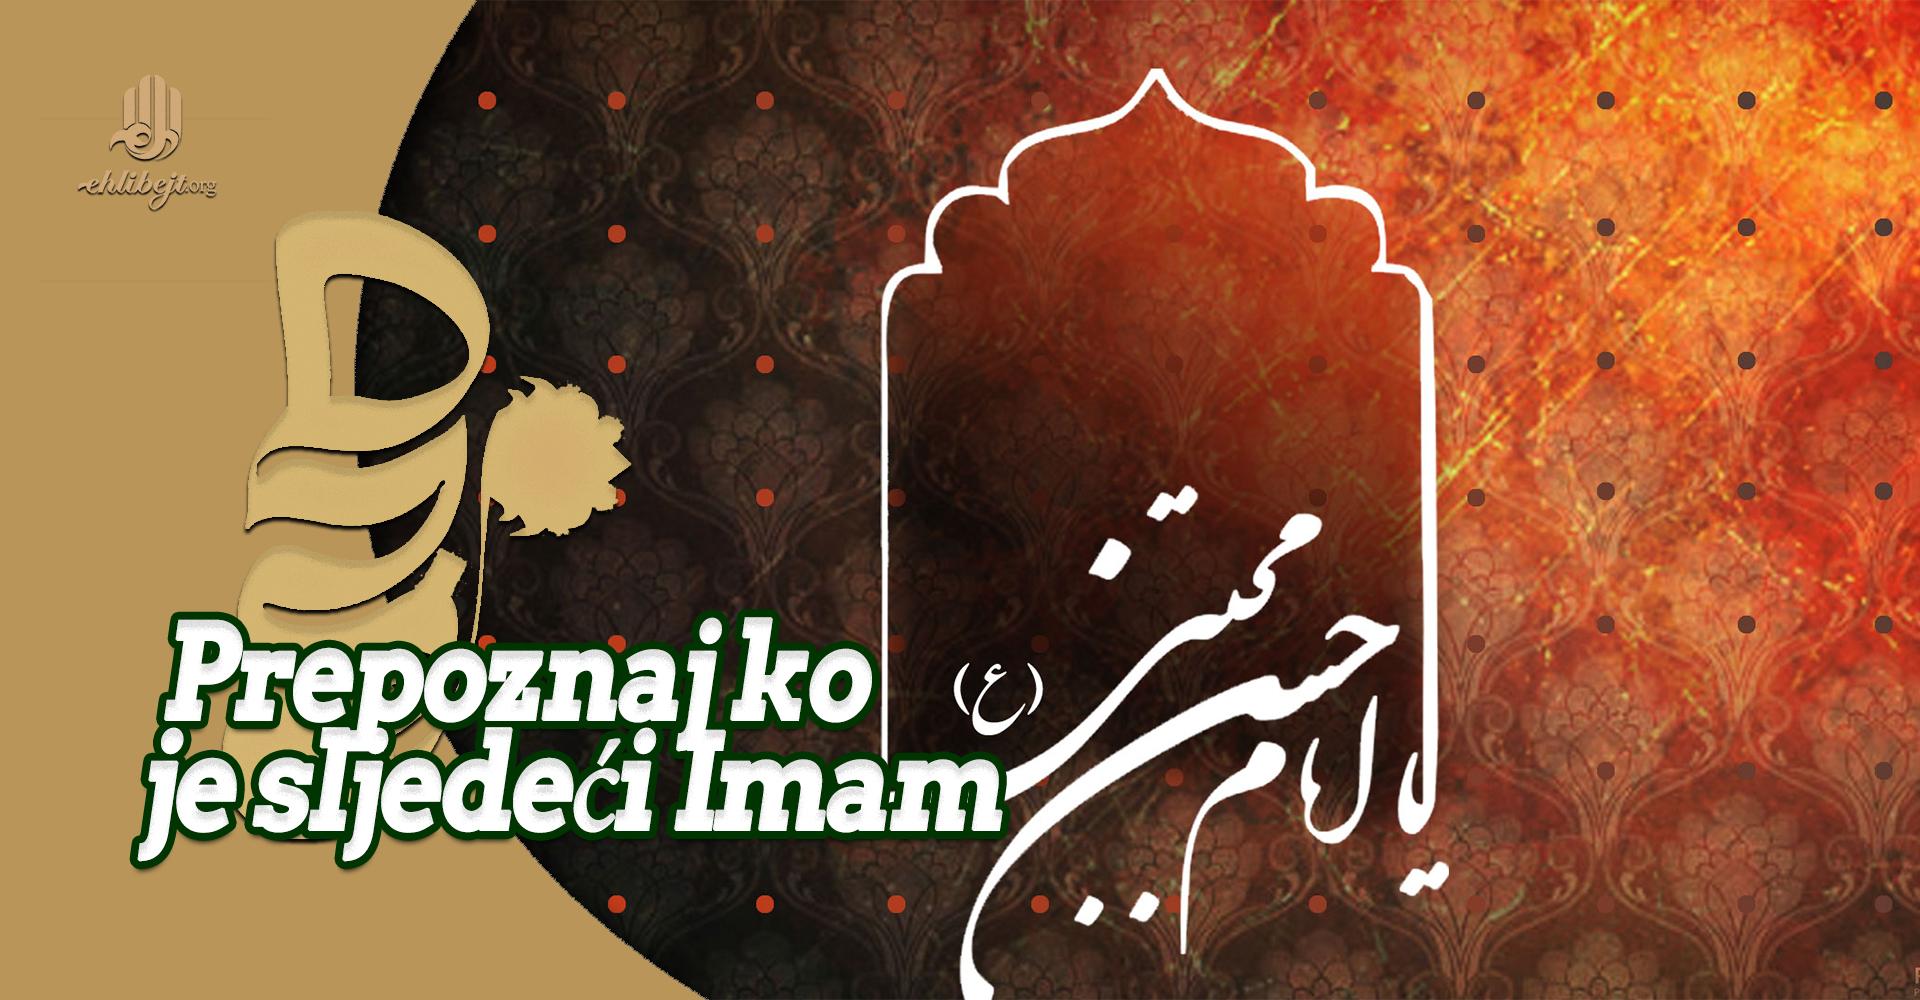 Prepoznaj ko je sljedeći Imam